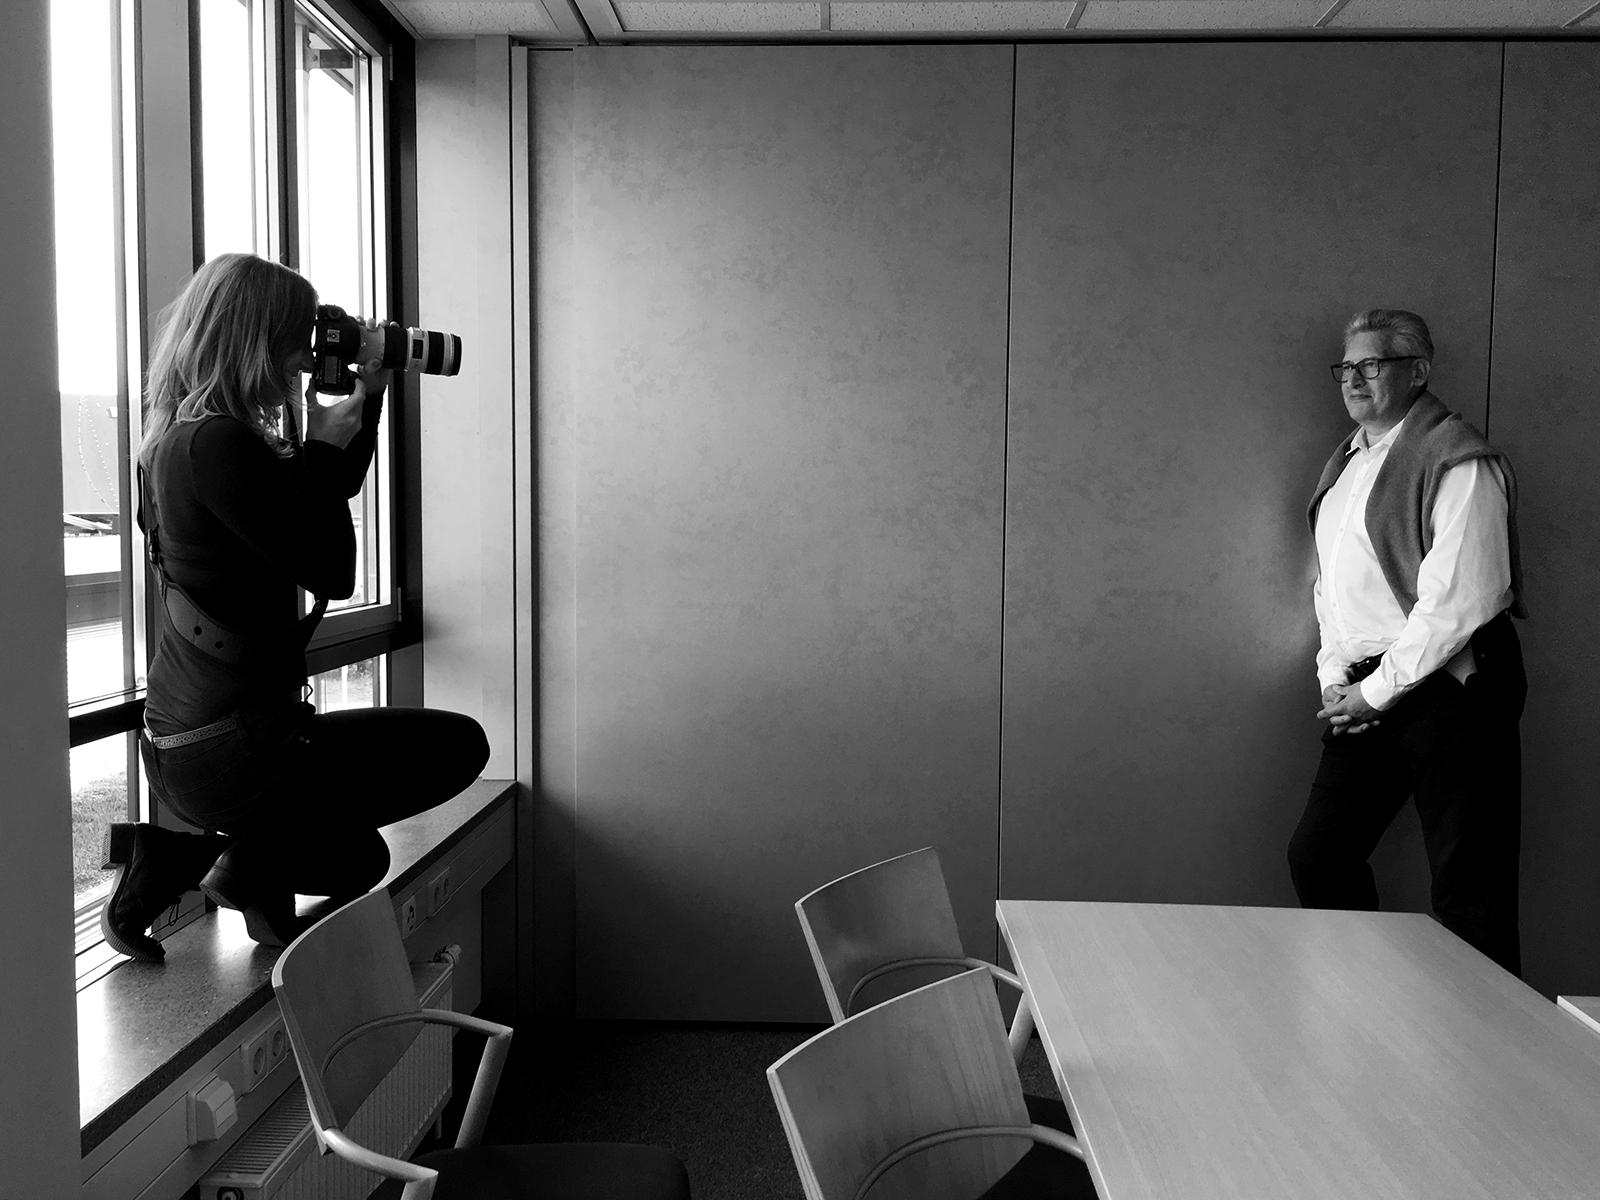 Making Of von Shooting Masuch + Olbrisch Ingenieurgesellschaft für das Bauwesen mbH im ADAC Fahrsicherheitszentrum Lüneburg